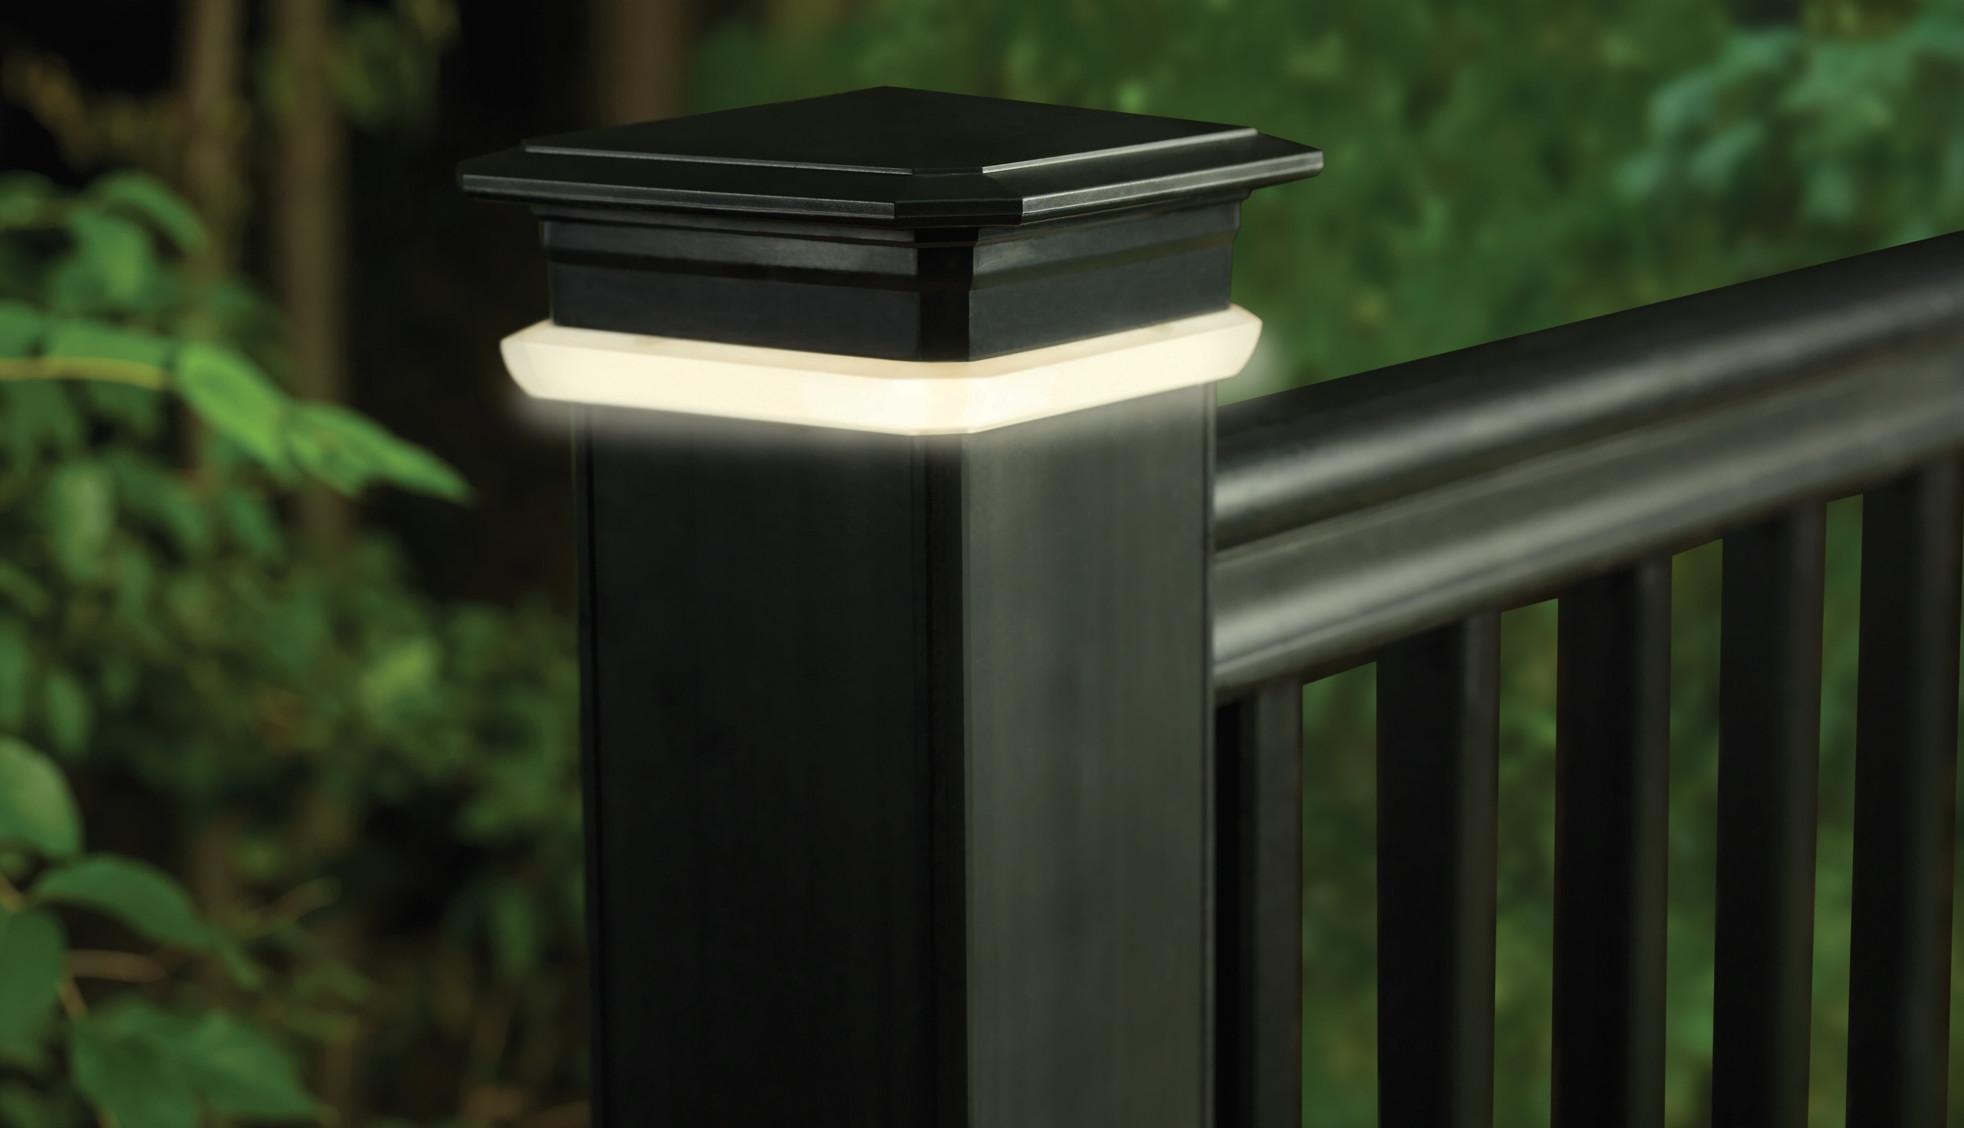 Luces de remate de poste para cubiertas de TimberTech: imagen 1